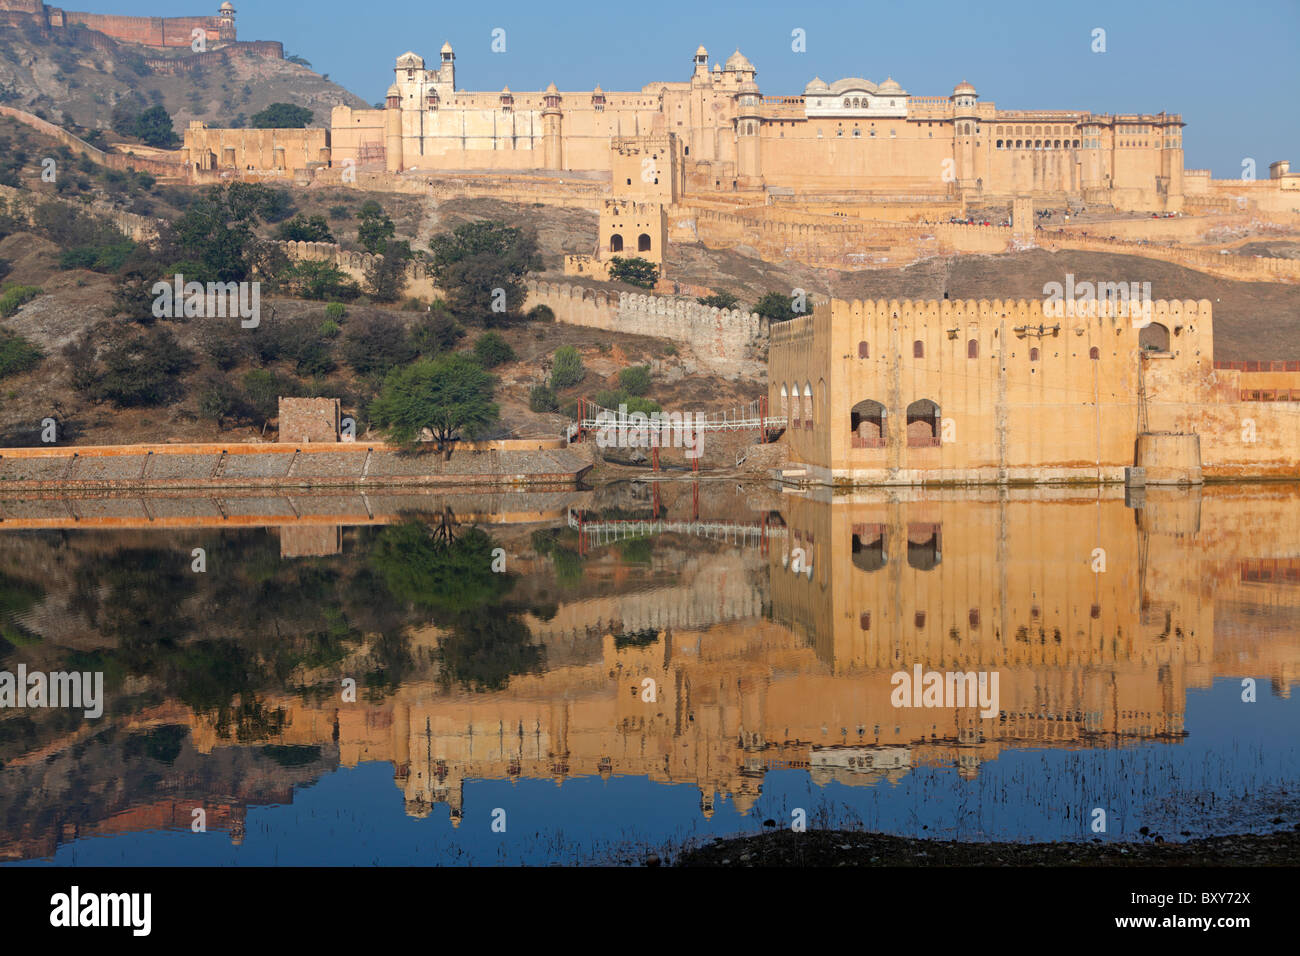 Le Fort Amber reflétée dans le lac Maotha, Jaipur, Inde Photo Stock